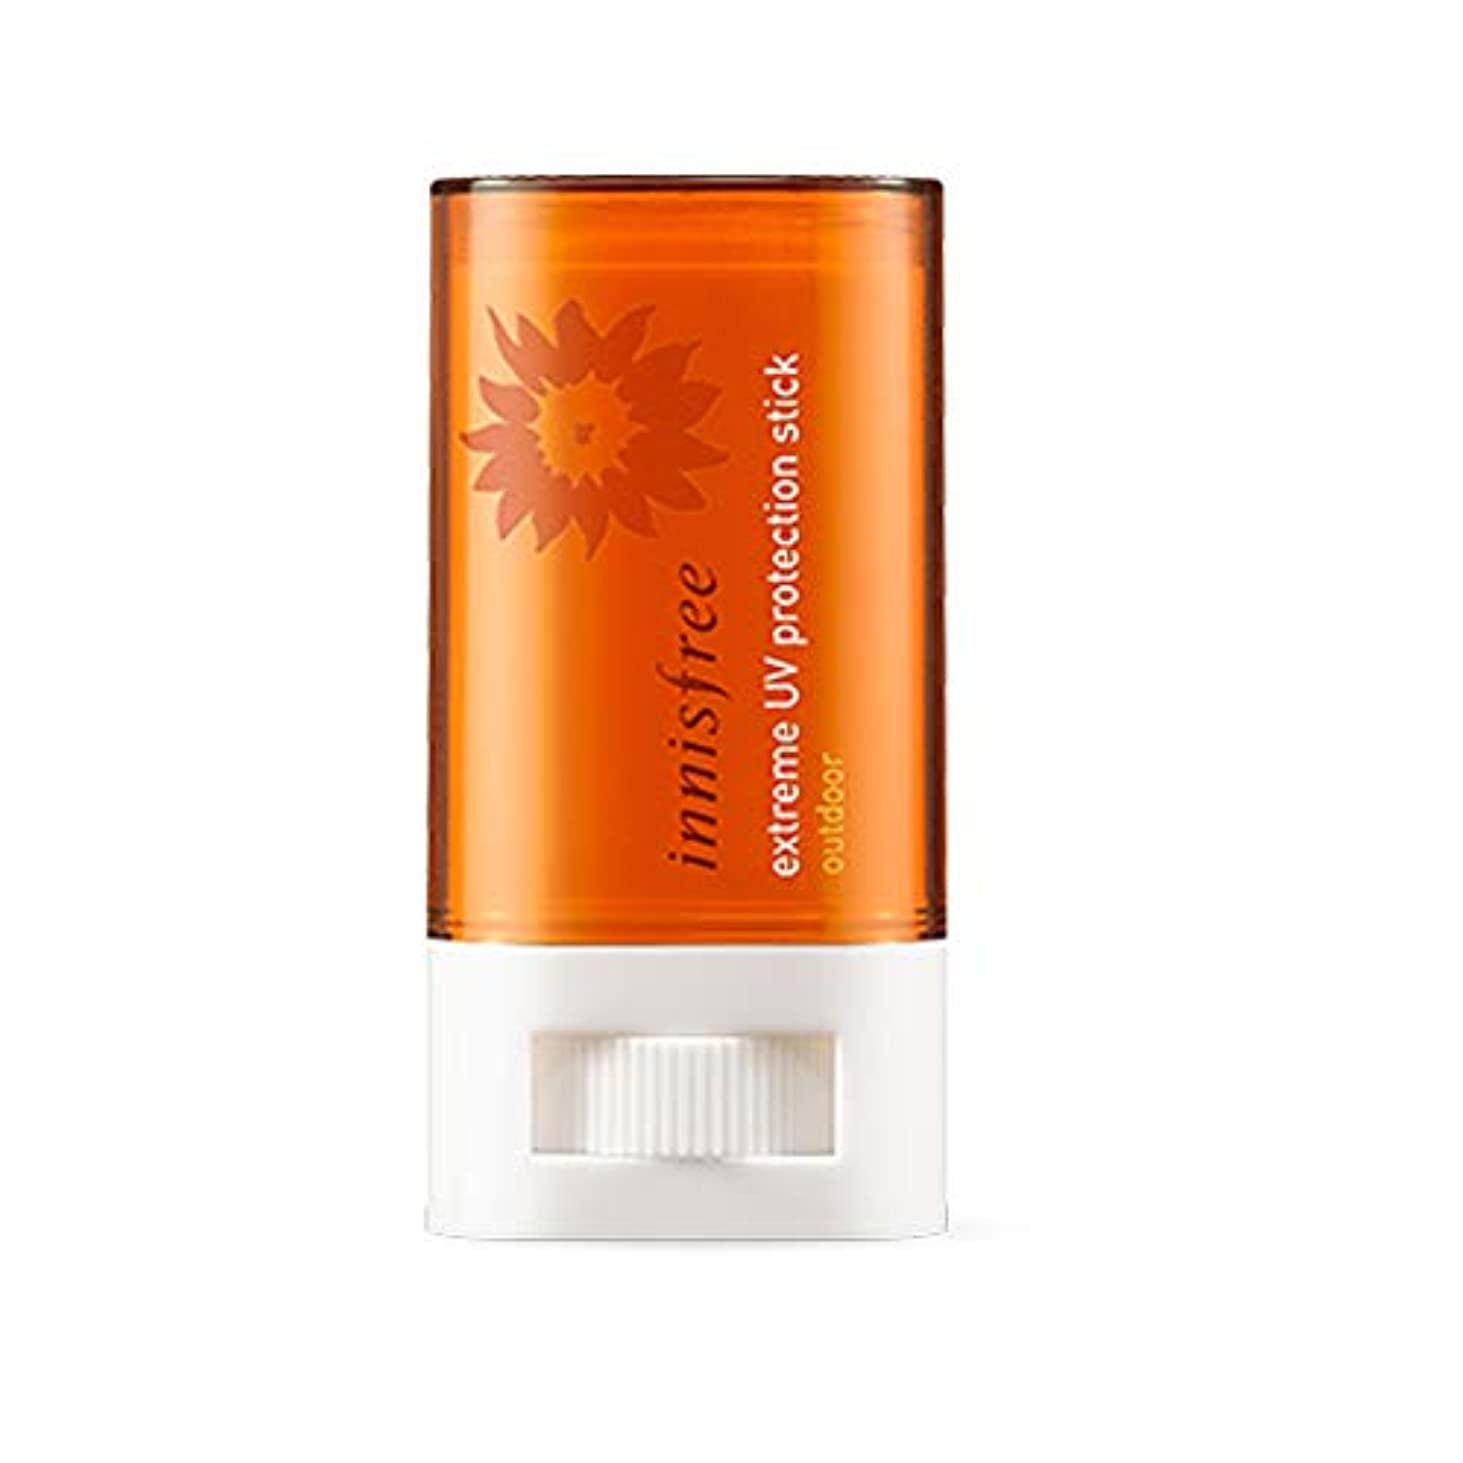 フラグラントバーゲン蜜イニスフリーエクストリームUVプロテクションスティックアウトドアSPF50 + PA ++++ 19g Innisfree Extreme UV Protection Stick Outdoor SPF50 + PA +...